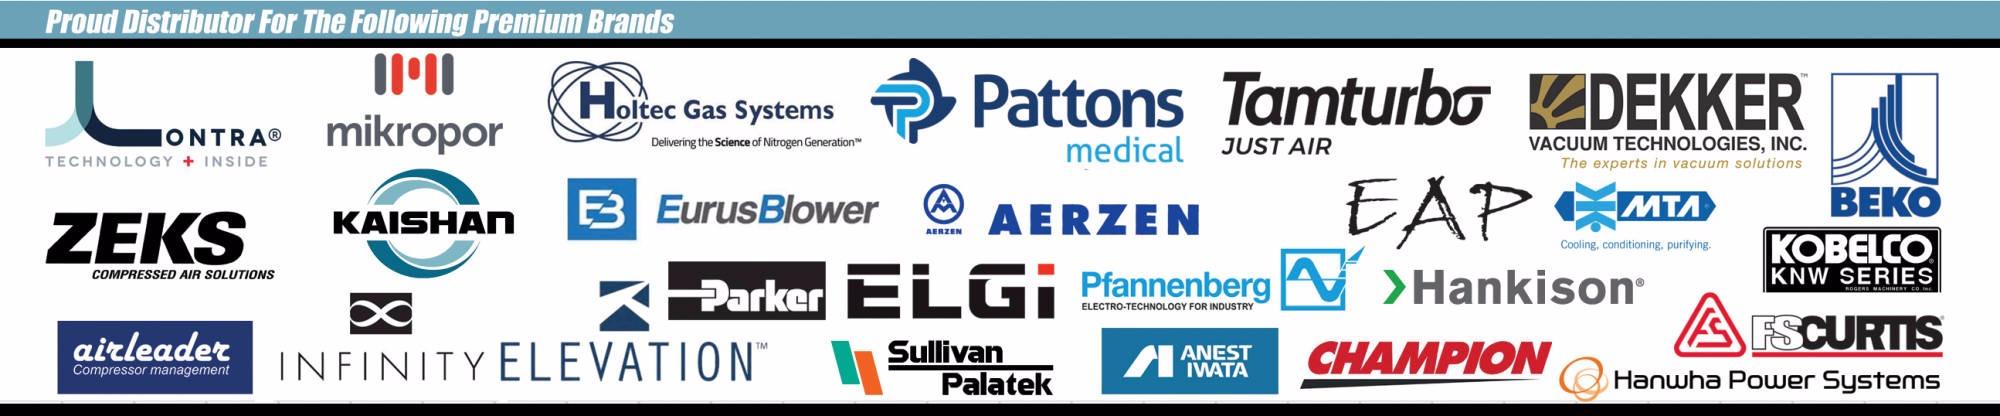 IAC Vendor Logos